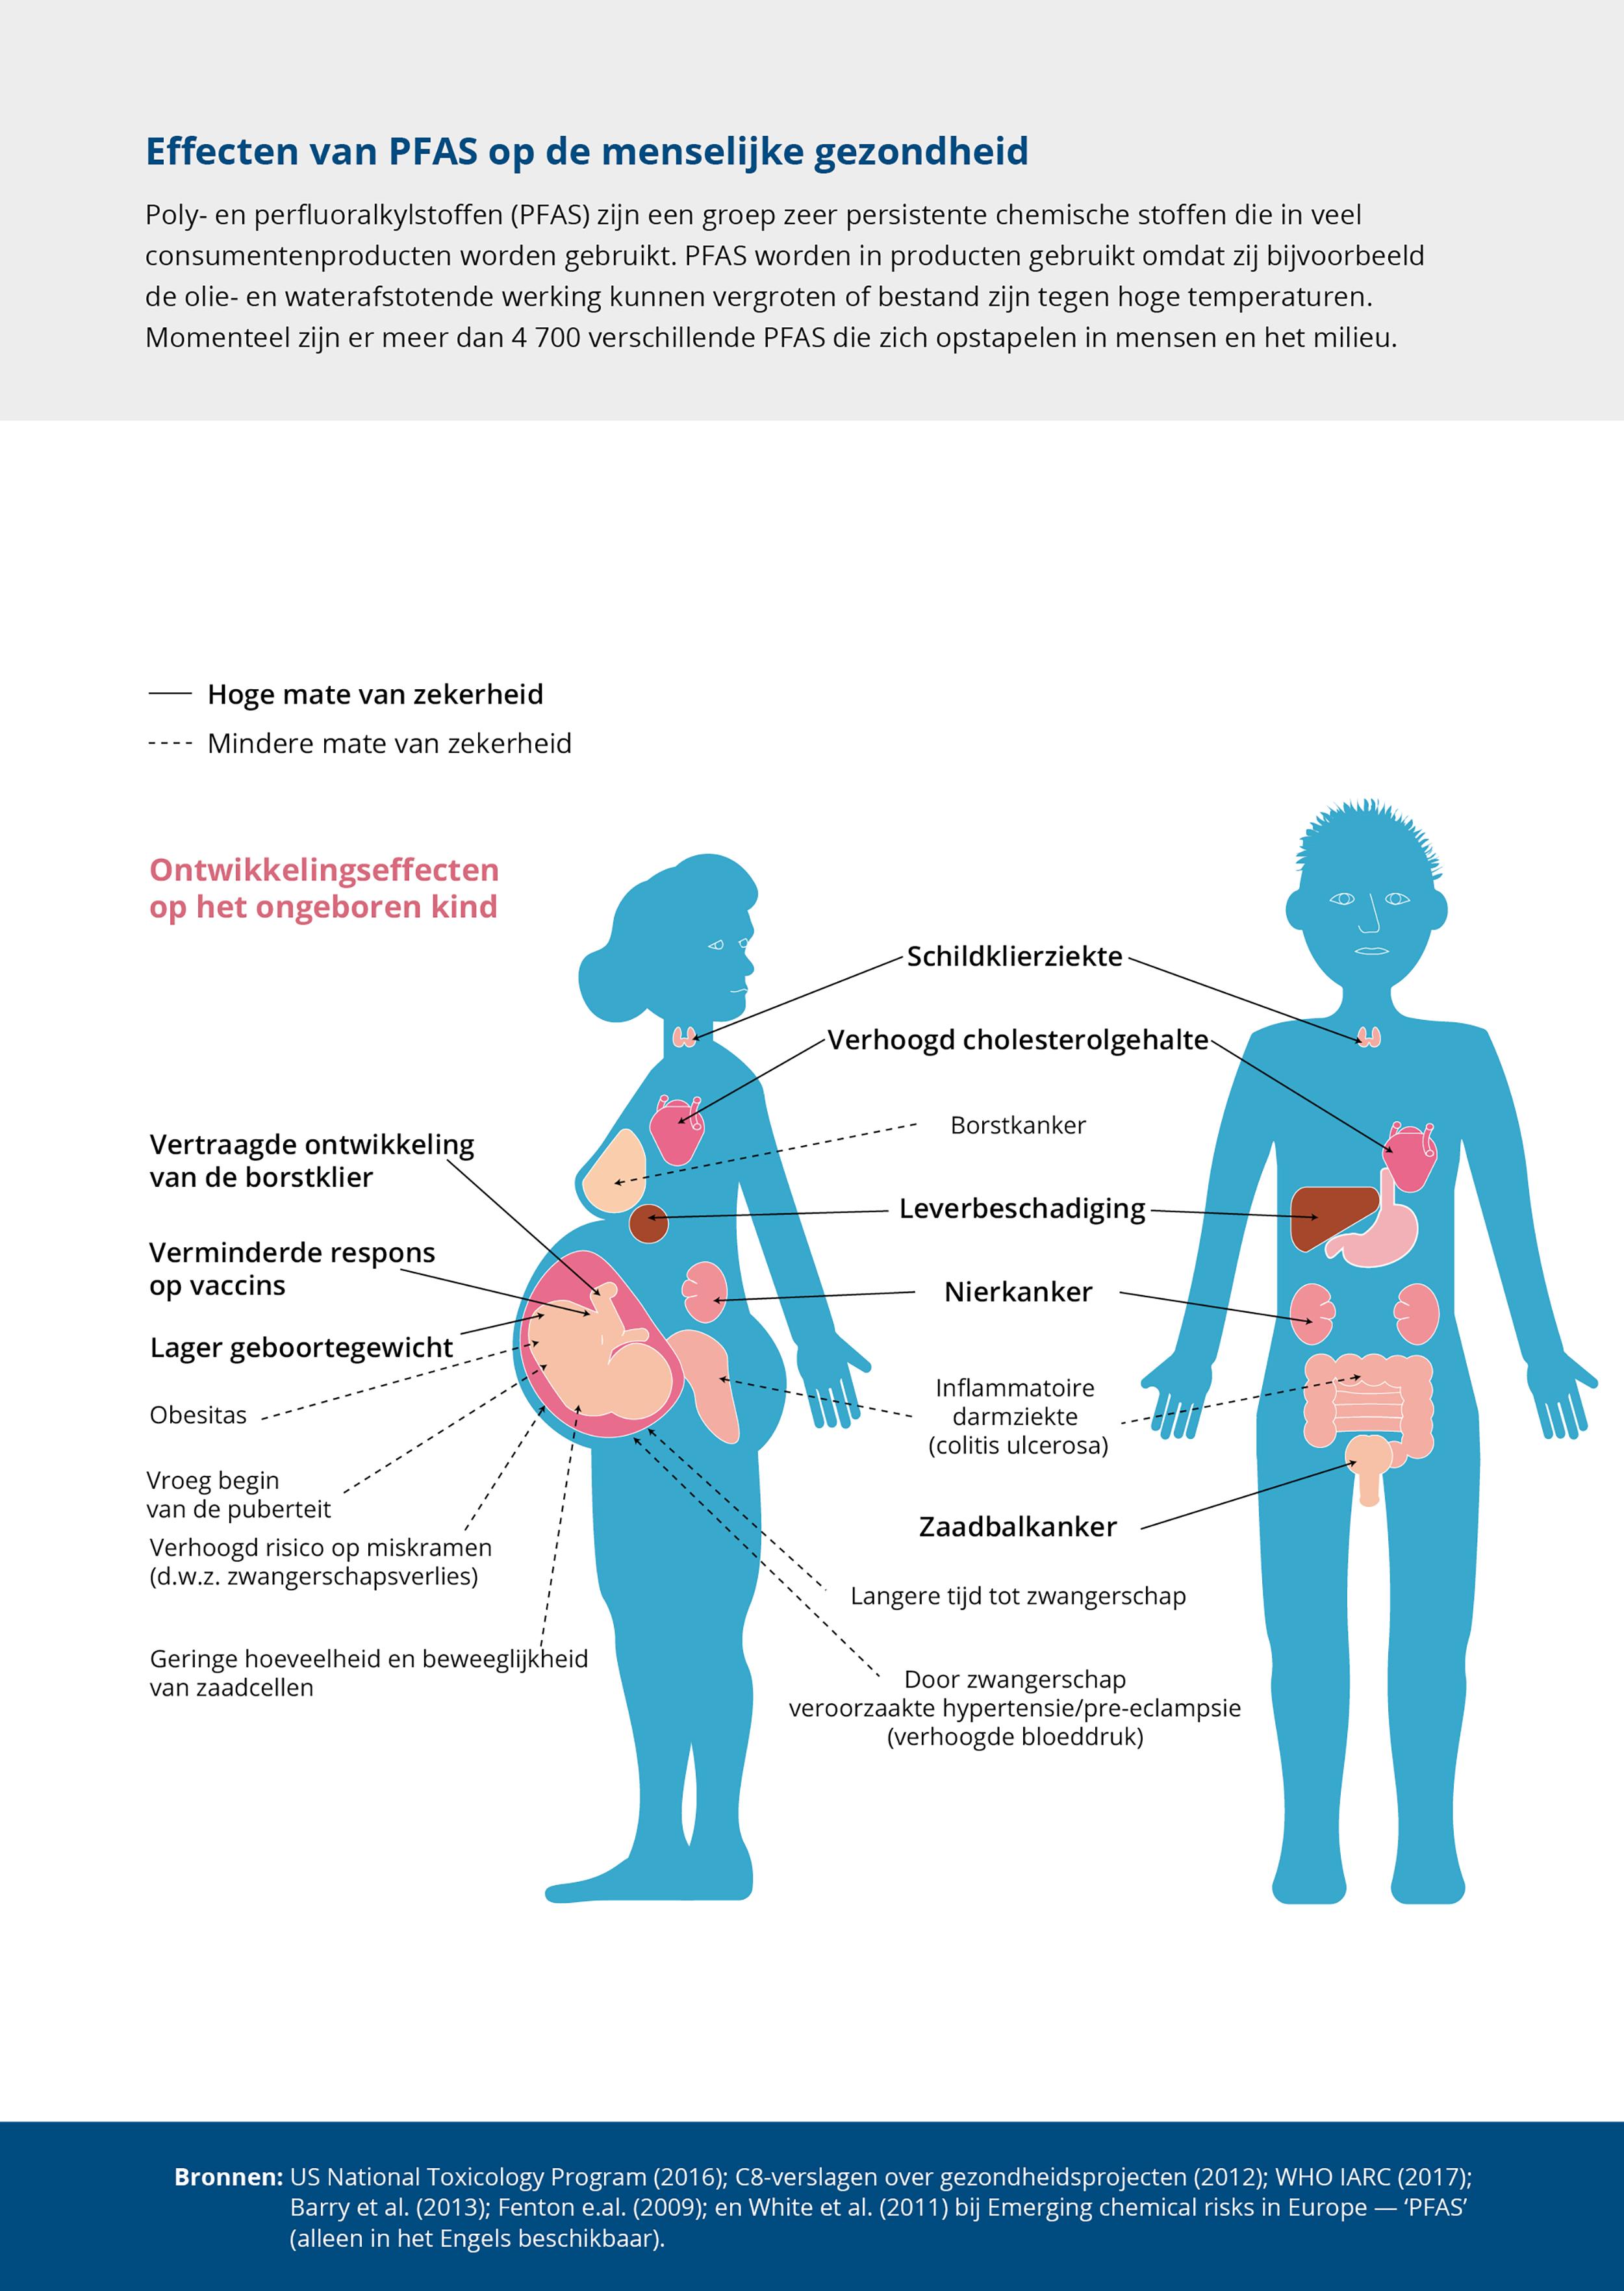 Effecten van PFAS op de menselijke gezondheid